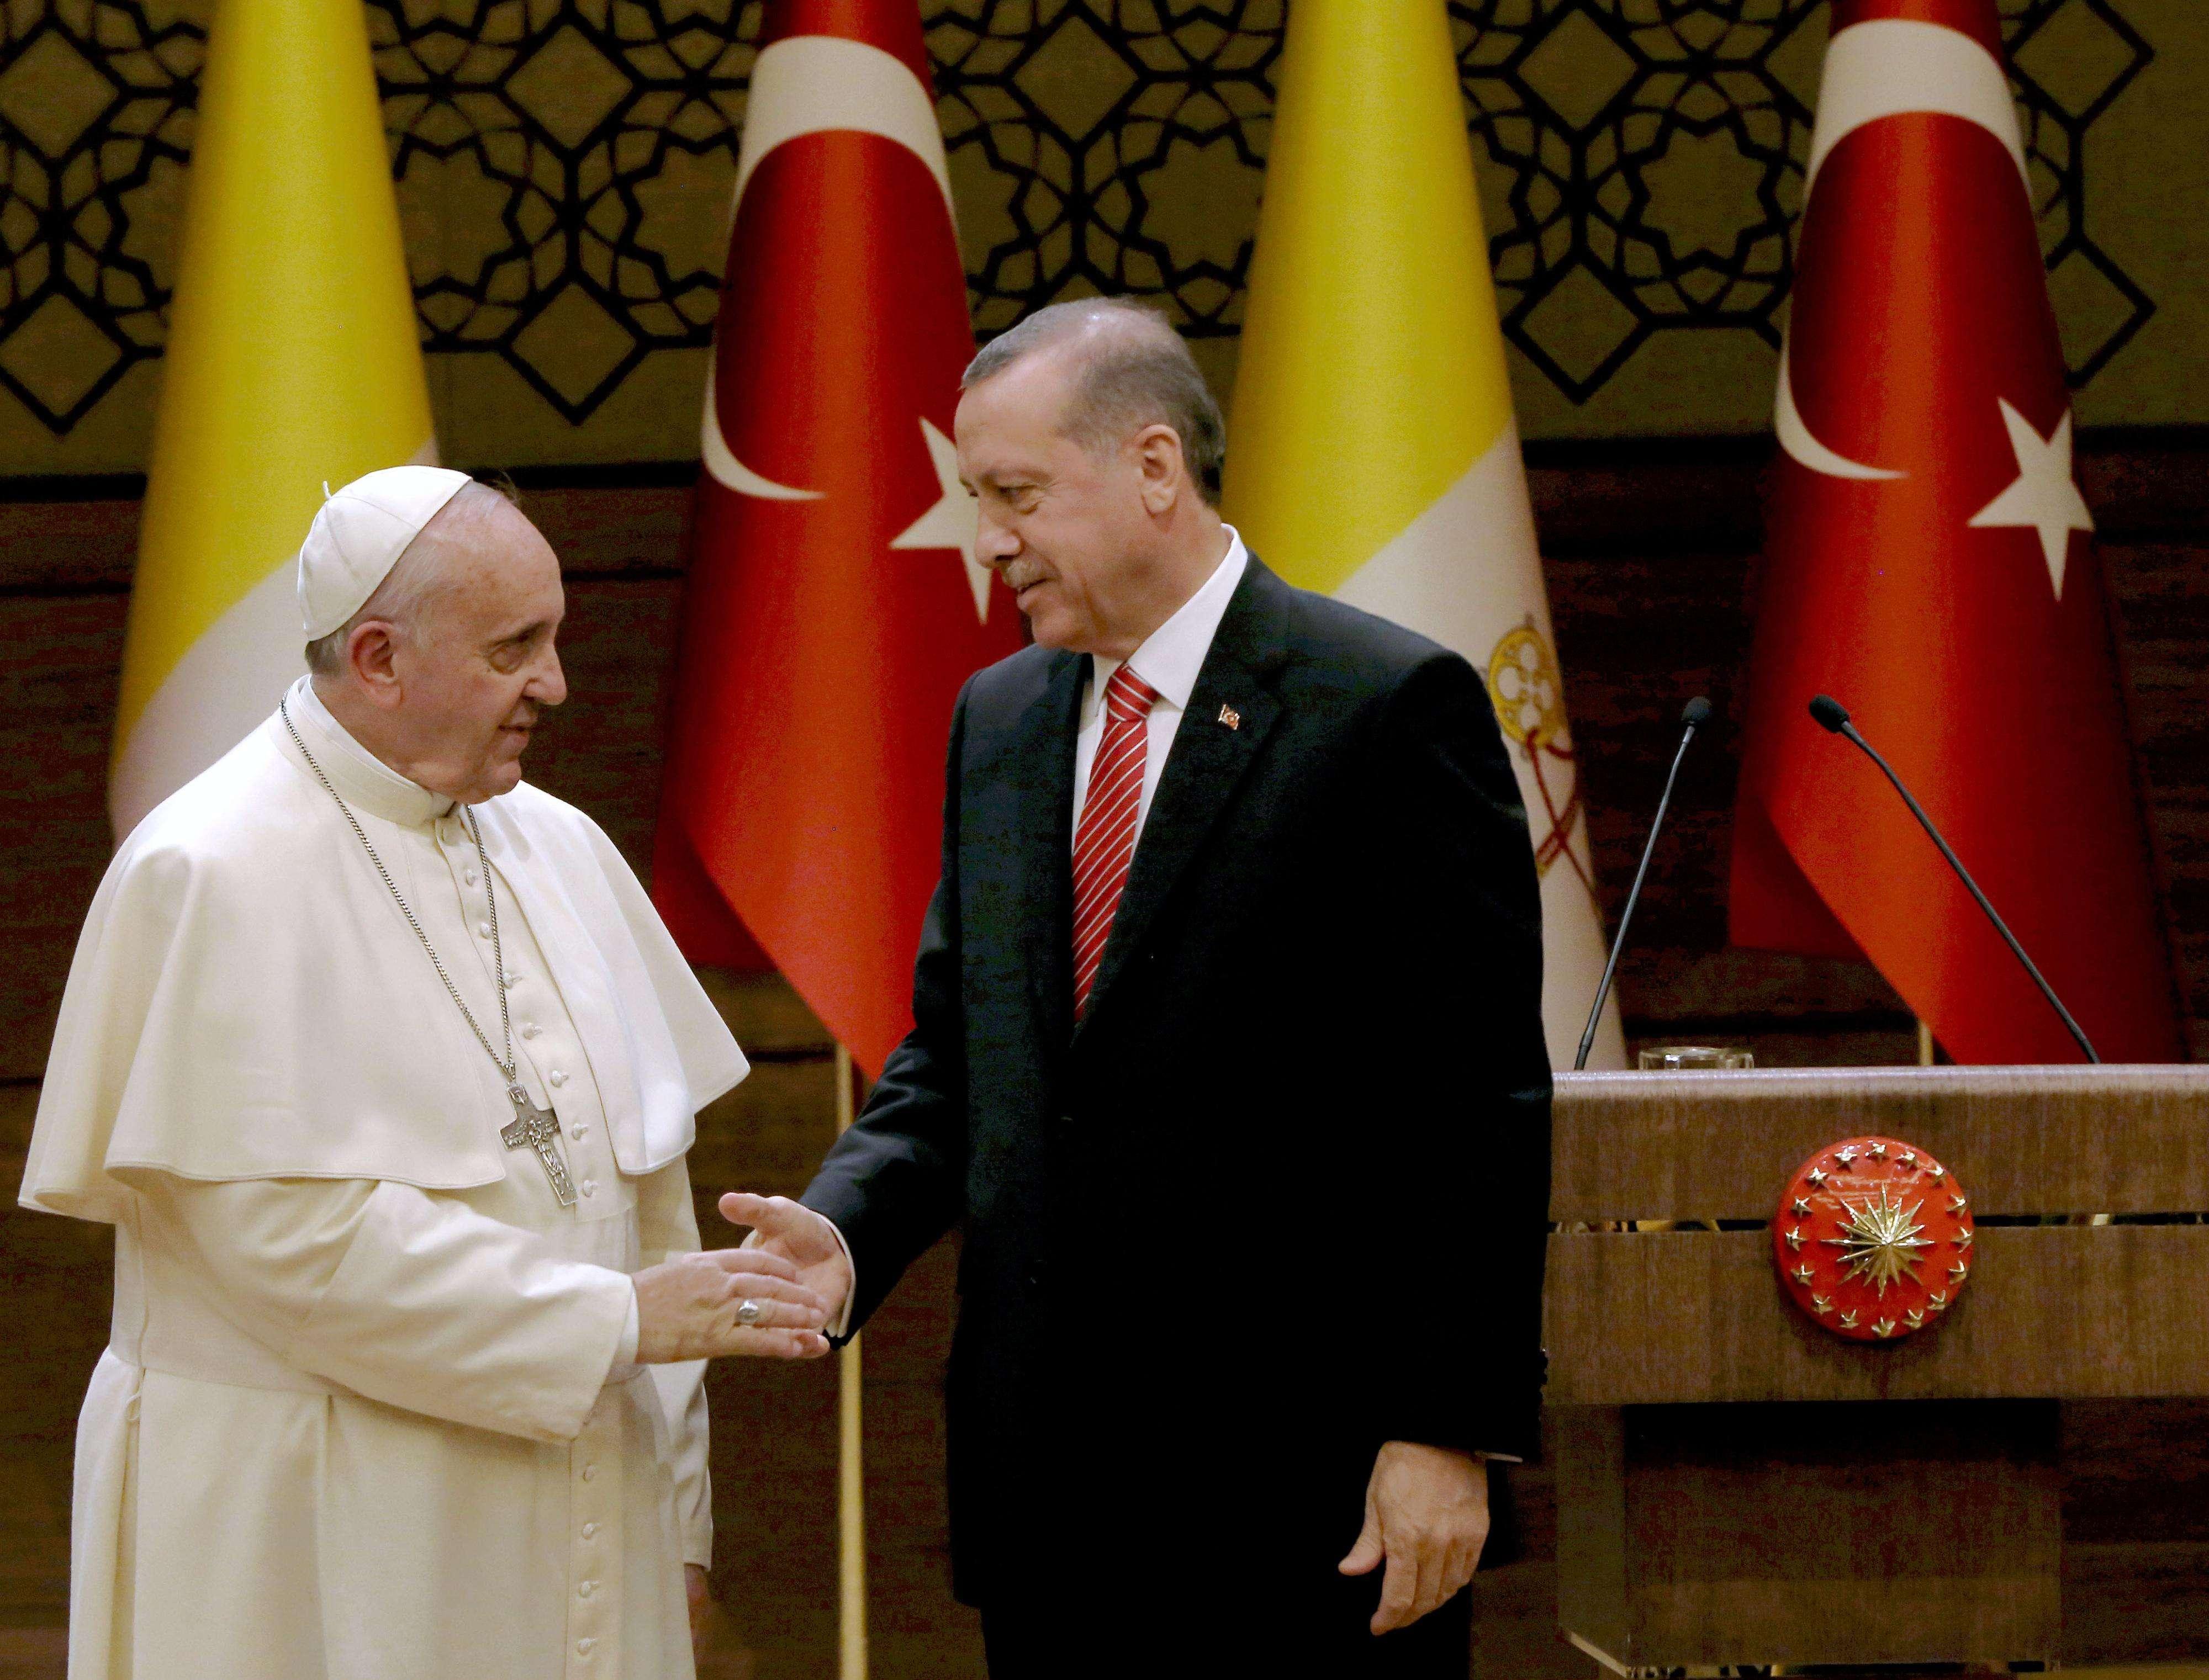 El Papa Francisco, estrecha la mano del presidente turco, Recep Tayyip Erdogan, en Palacio Presidencial de Ankara, durante su visita oficial en Turquía el 28 de noviembre de 2014. Foto: AP en español